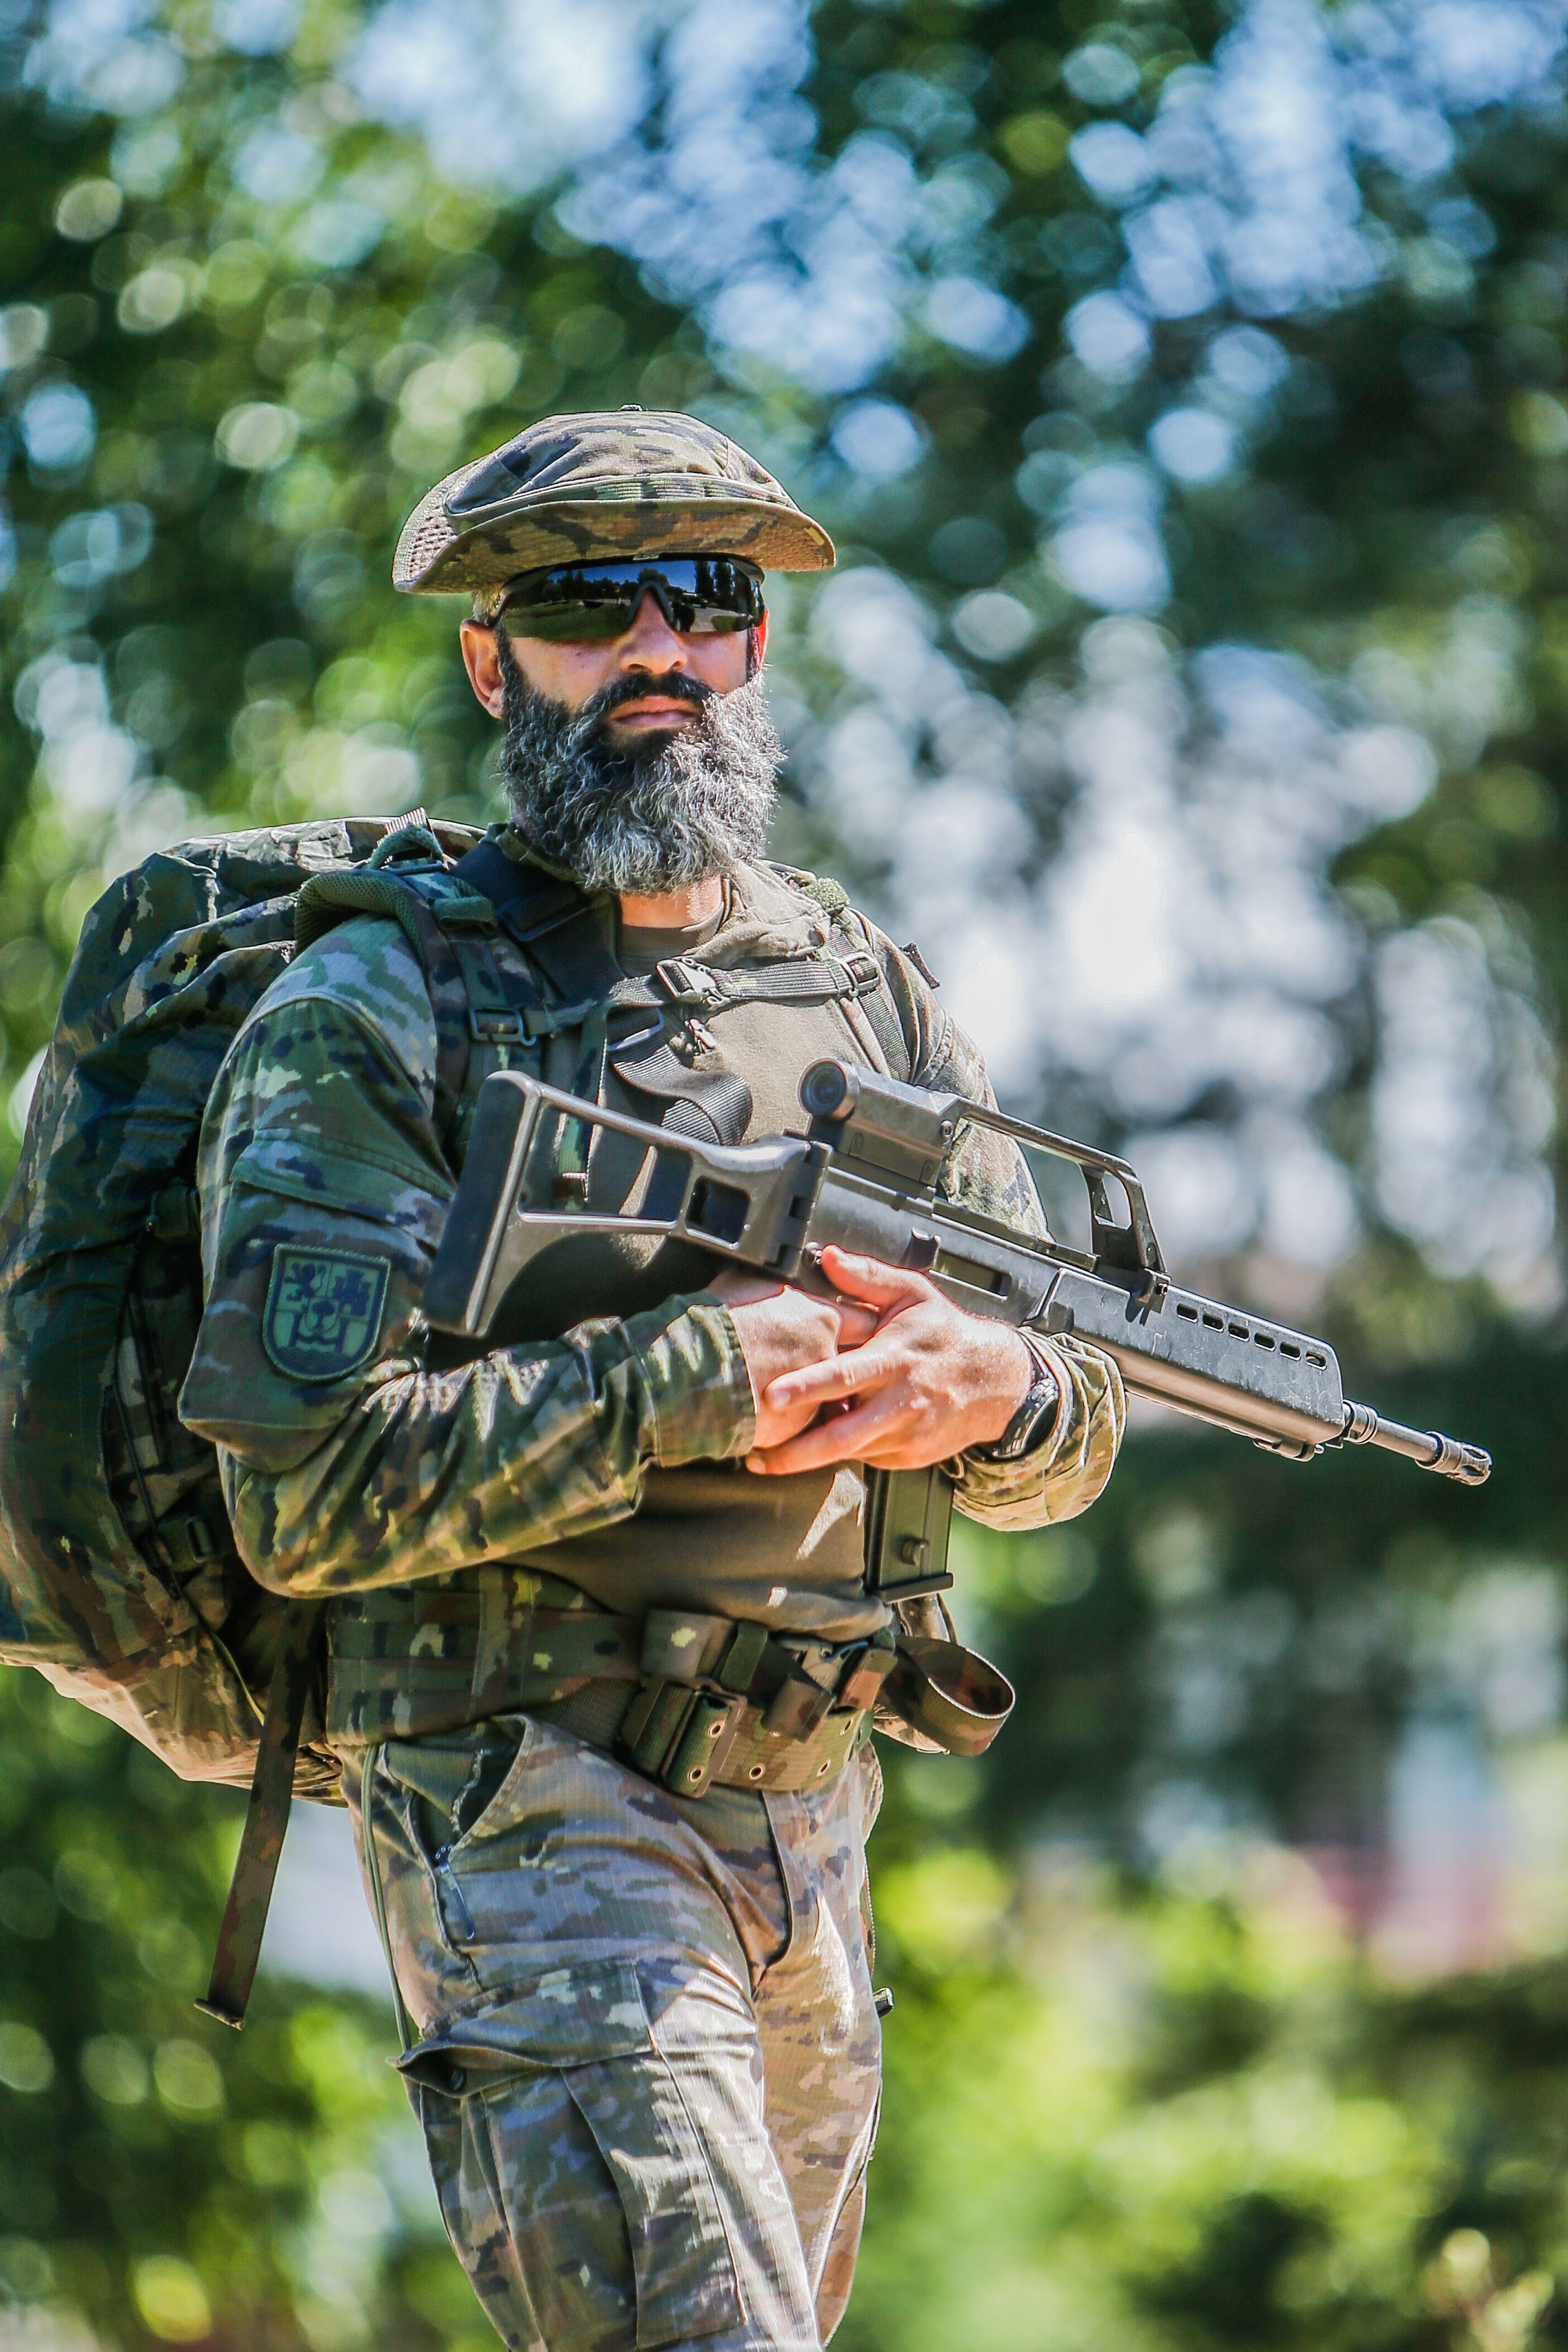 f13917d4d1f1b Spanish Soldier  2821 x 4231